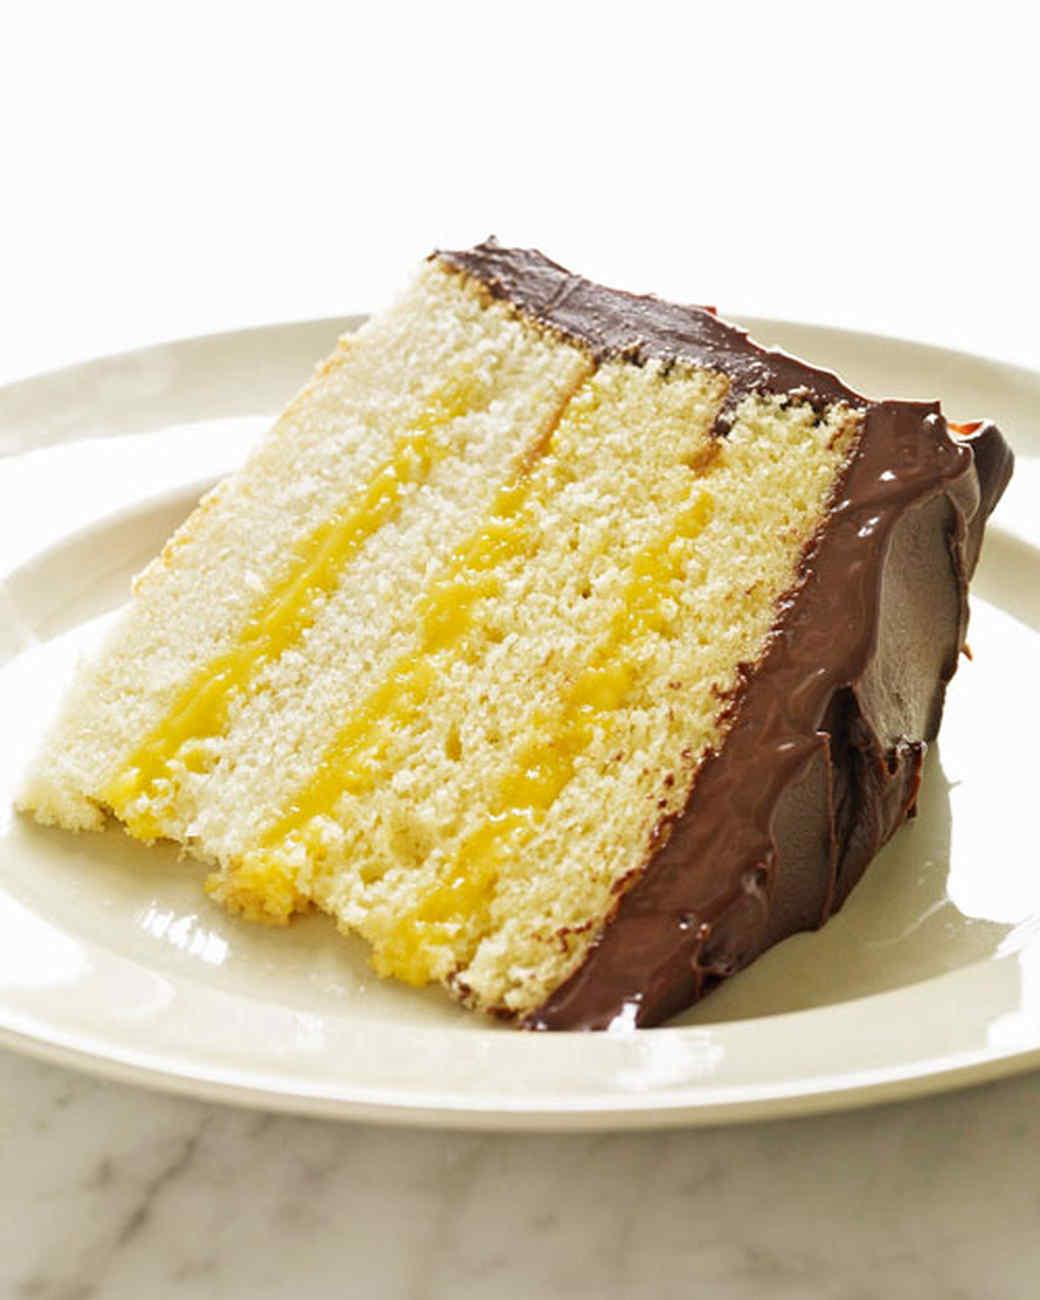 Edward Kostyra's Birthday Cake